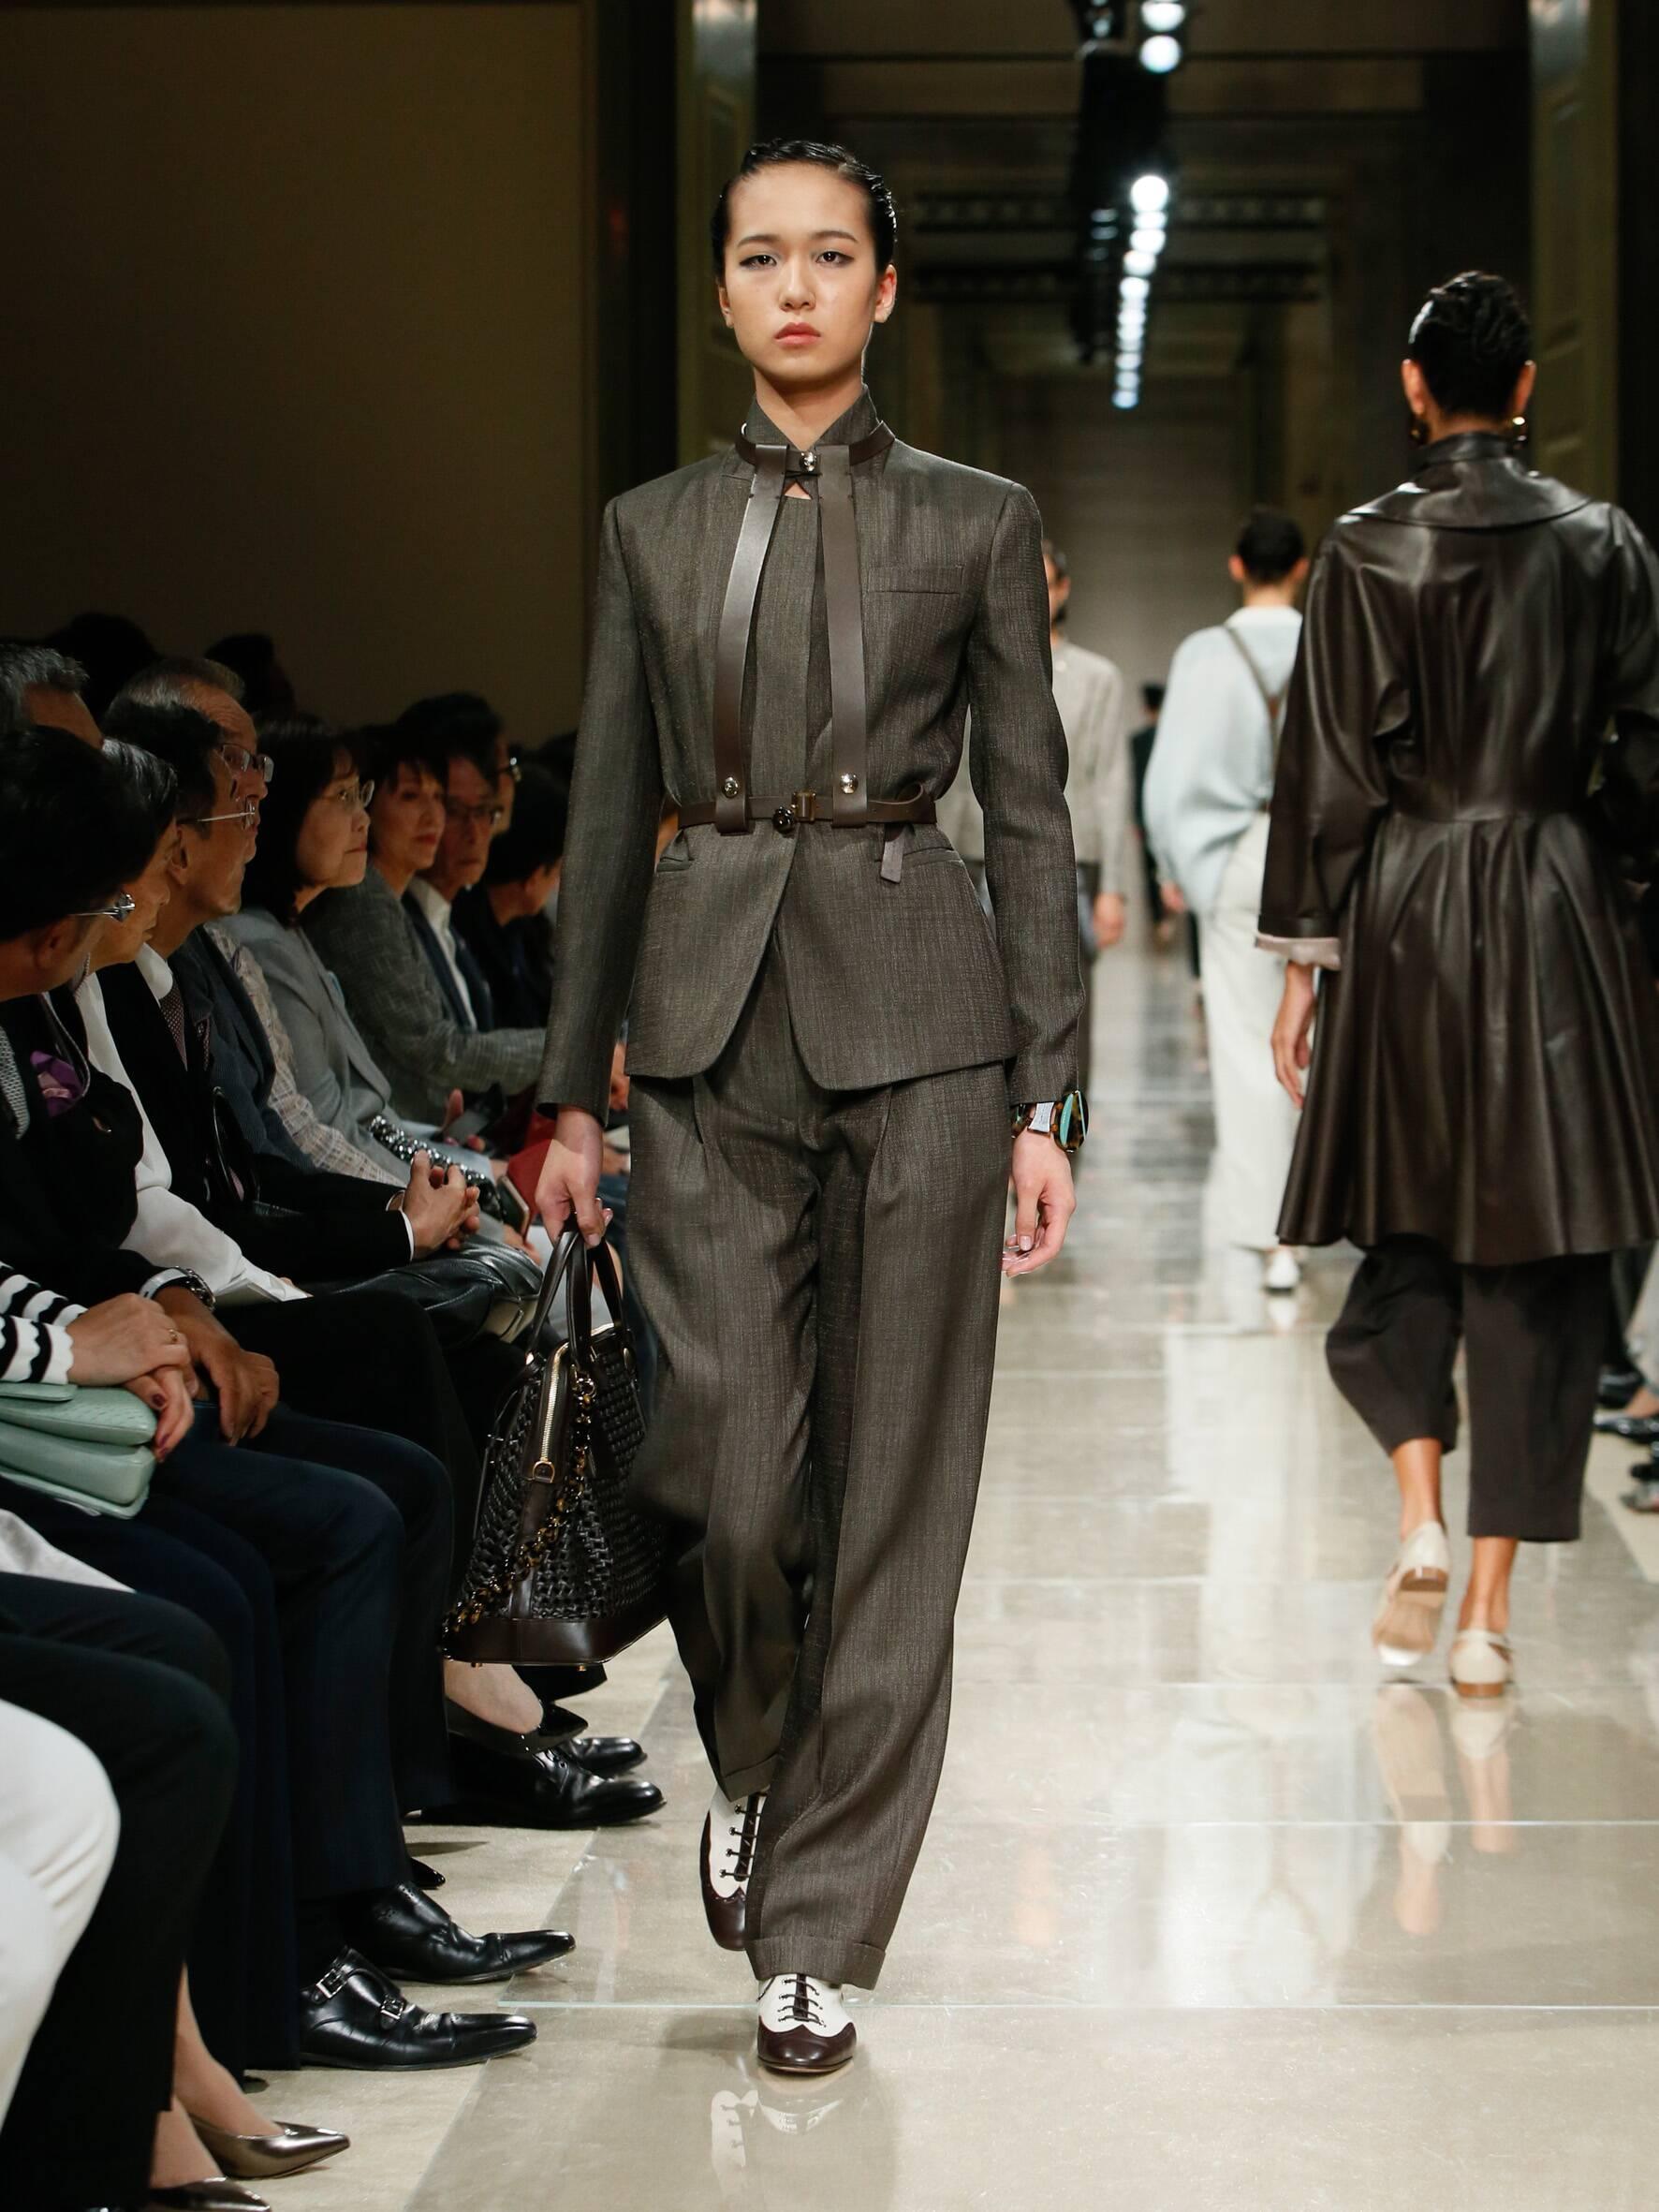 Giorgio Armani Cruise 2020 Collection Look 9 Tokyo